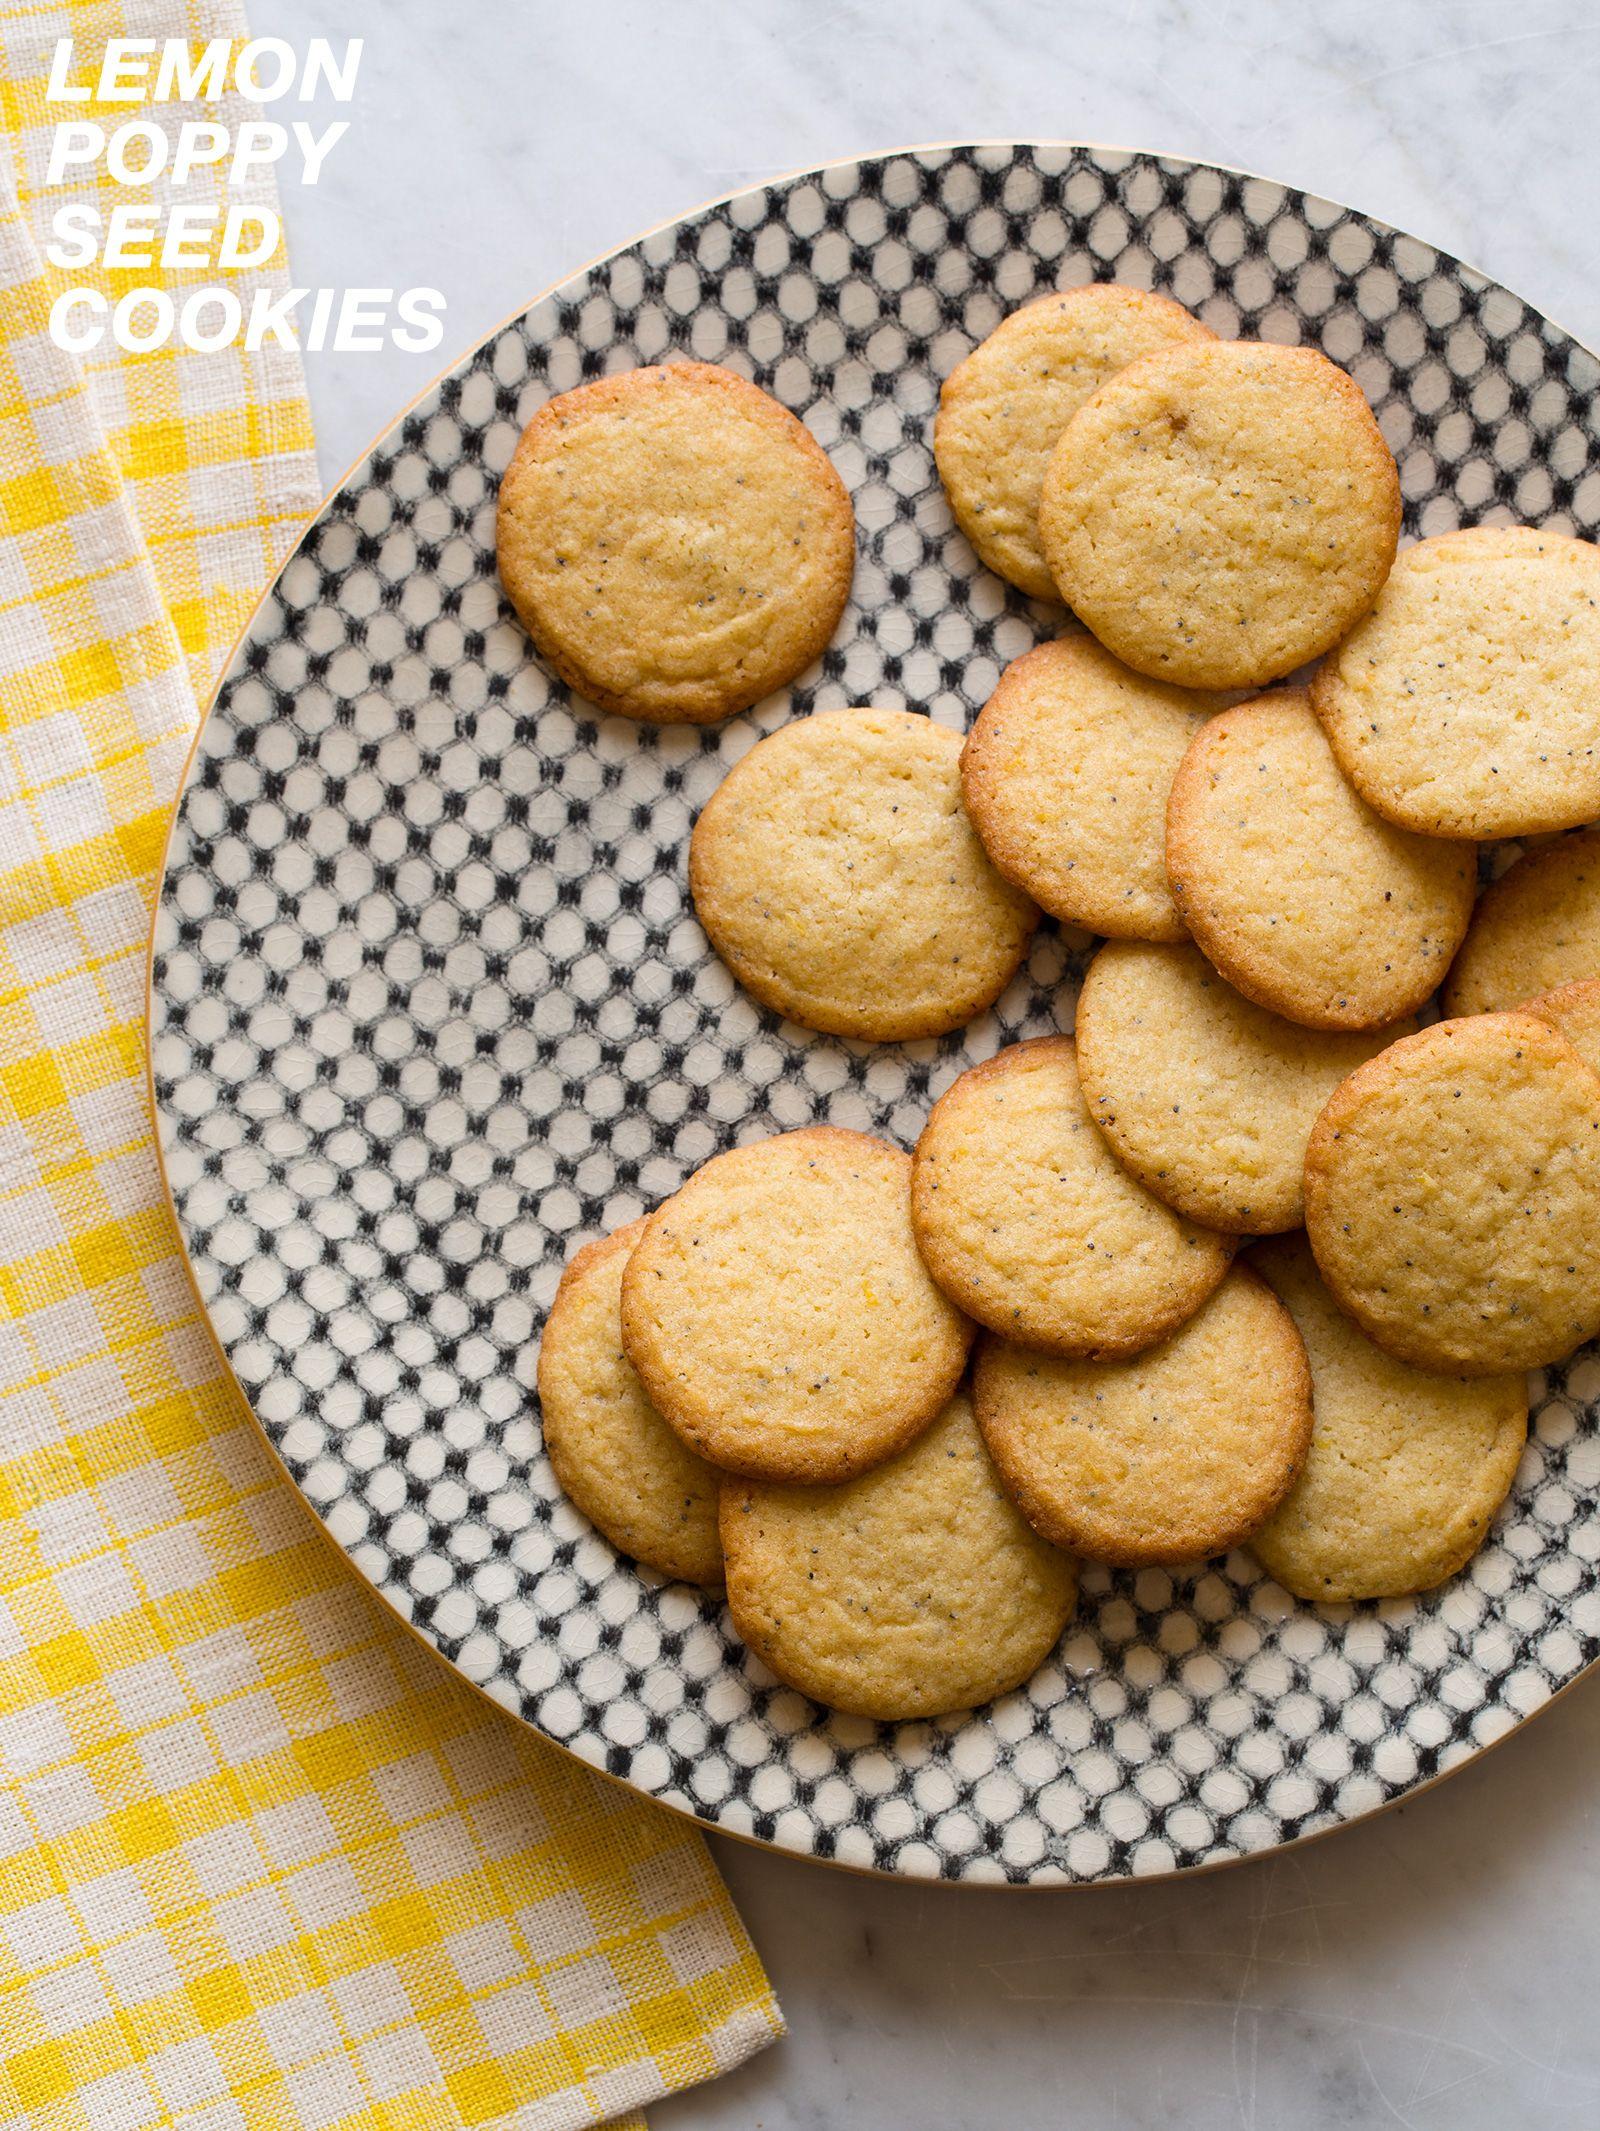 Lemon Poppy Seed Cookies @FoodBlogs